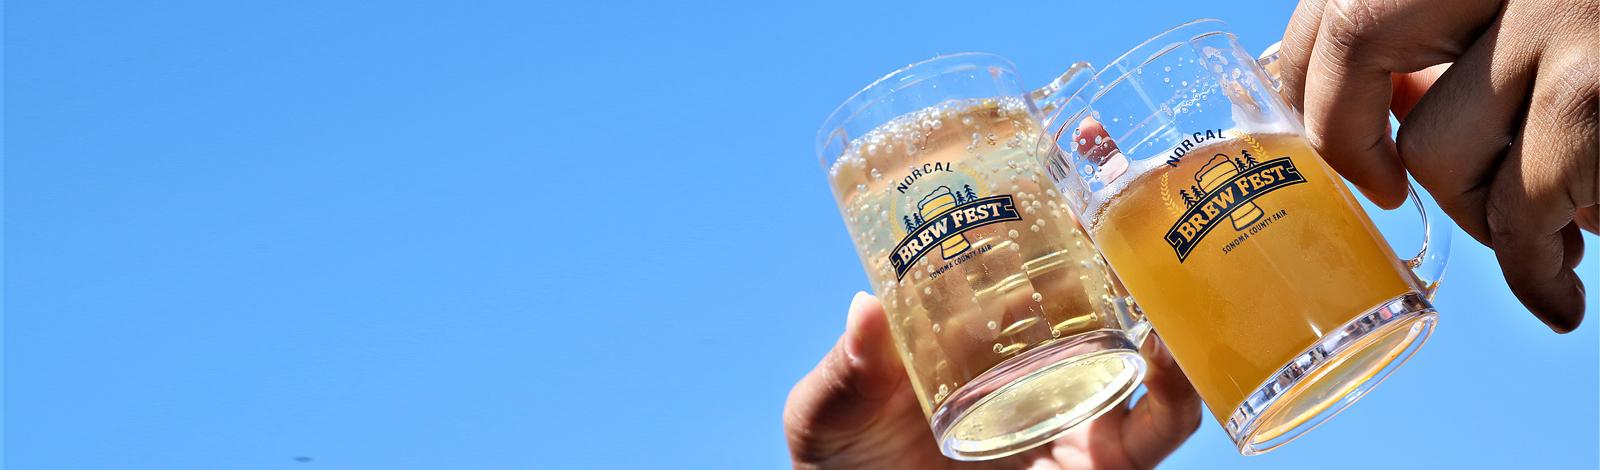 NCBF-beerglass-Image